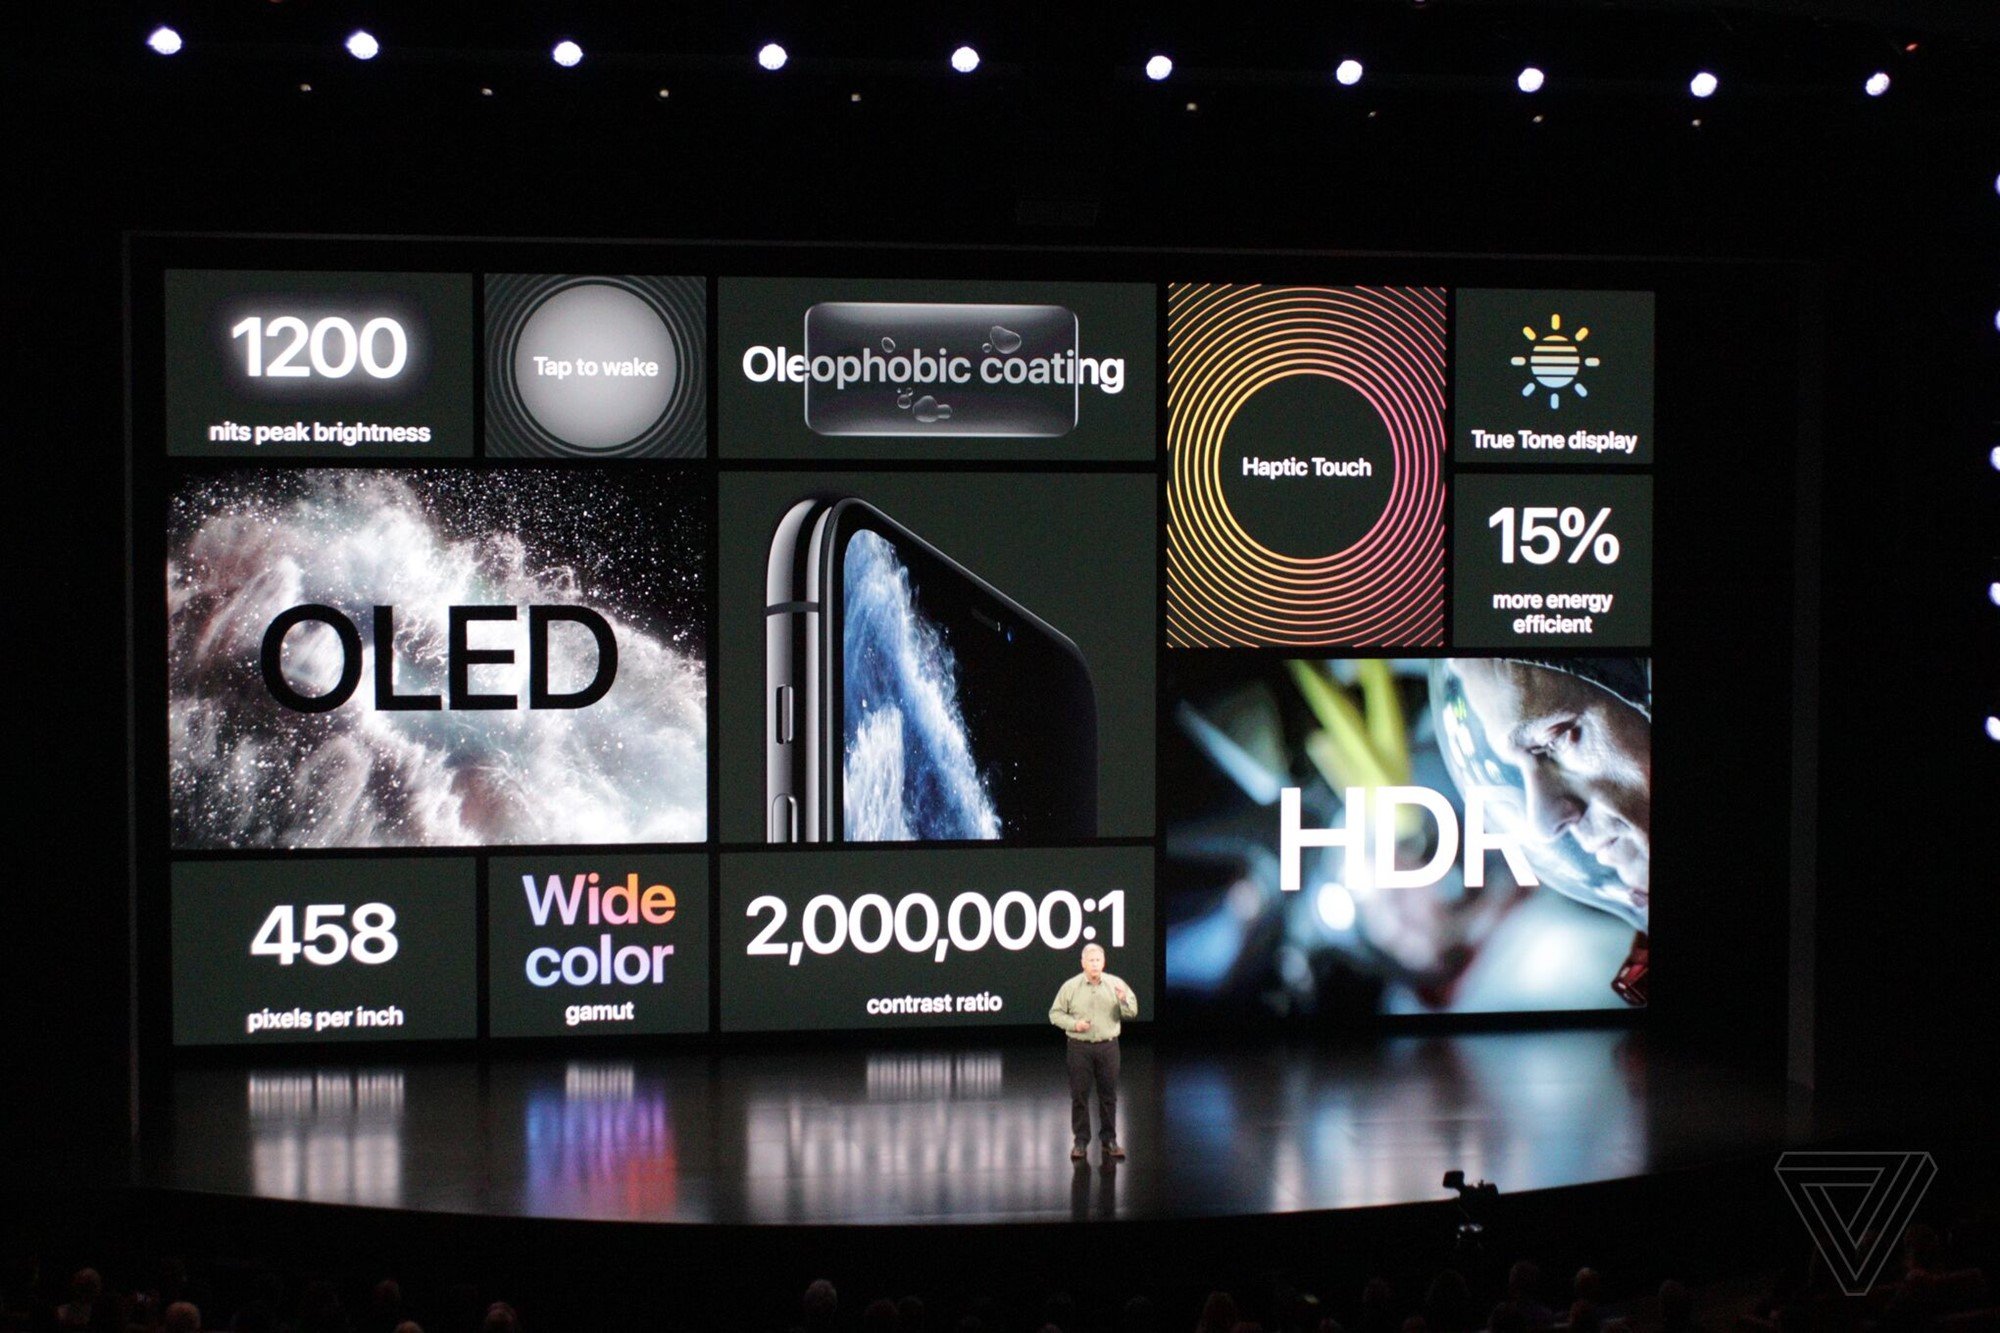 lcimg-431c8355-1082-441f-a302-9b4457c87669 Sự kiện công bố Apple iPhone 11 mới: Camera góc siêu rộng 120 độ, pin lớn hơn tới 5h so với iPhone XR, giá chỉ từ 699$